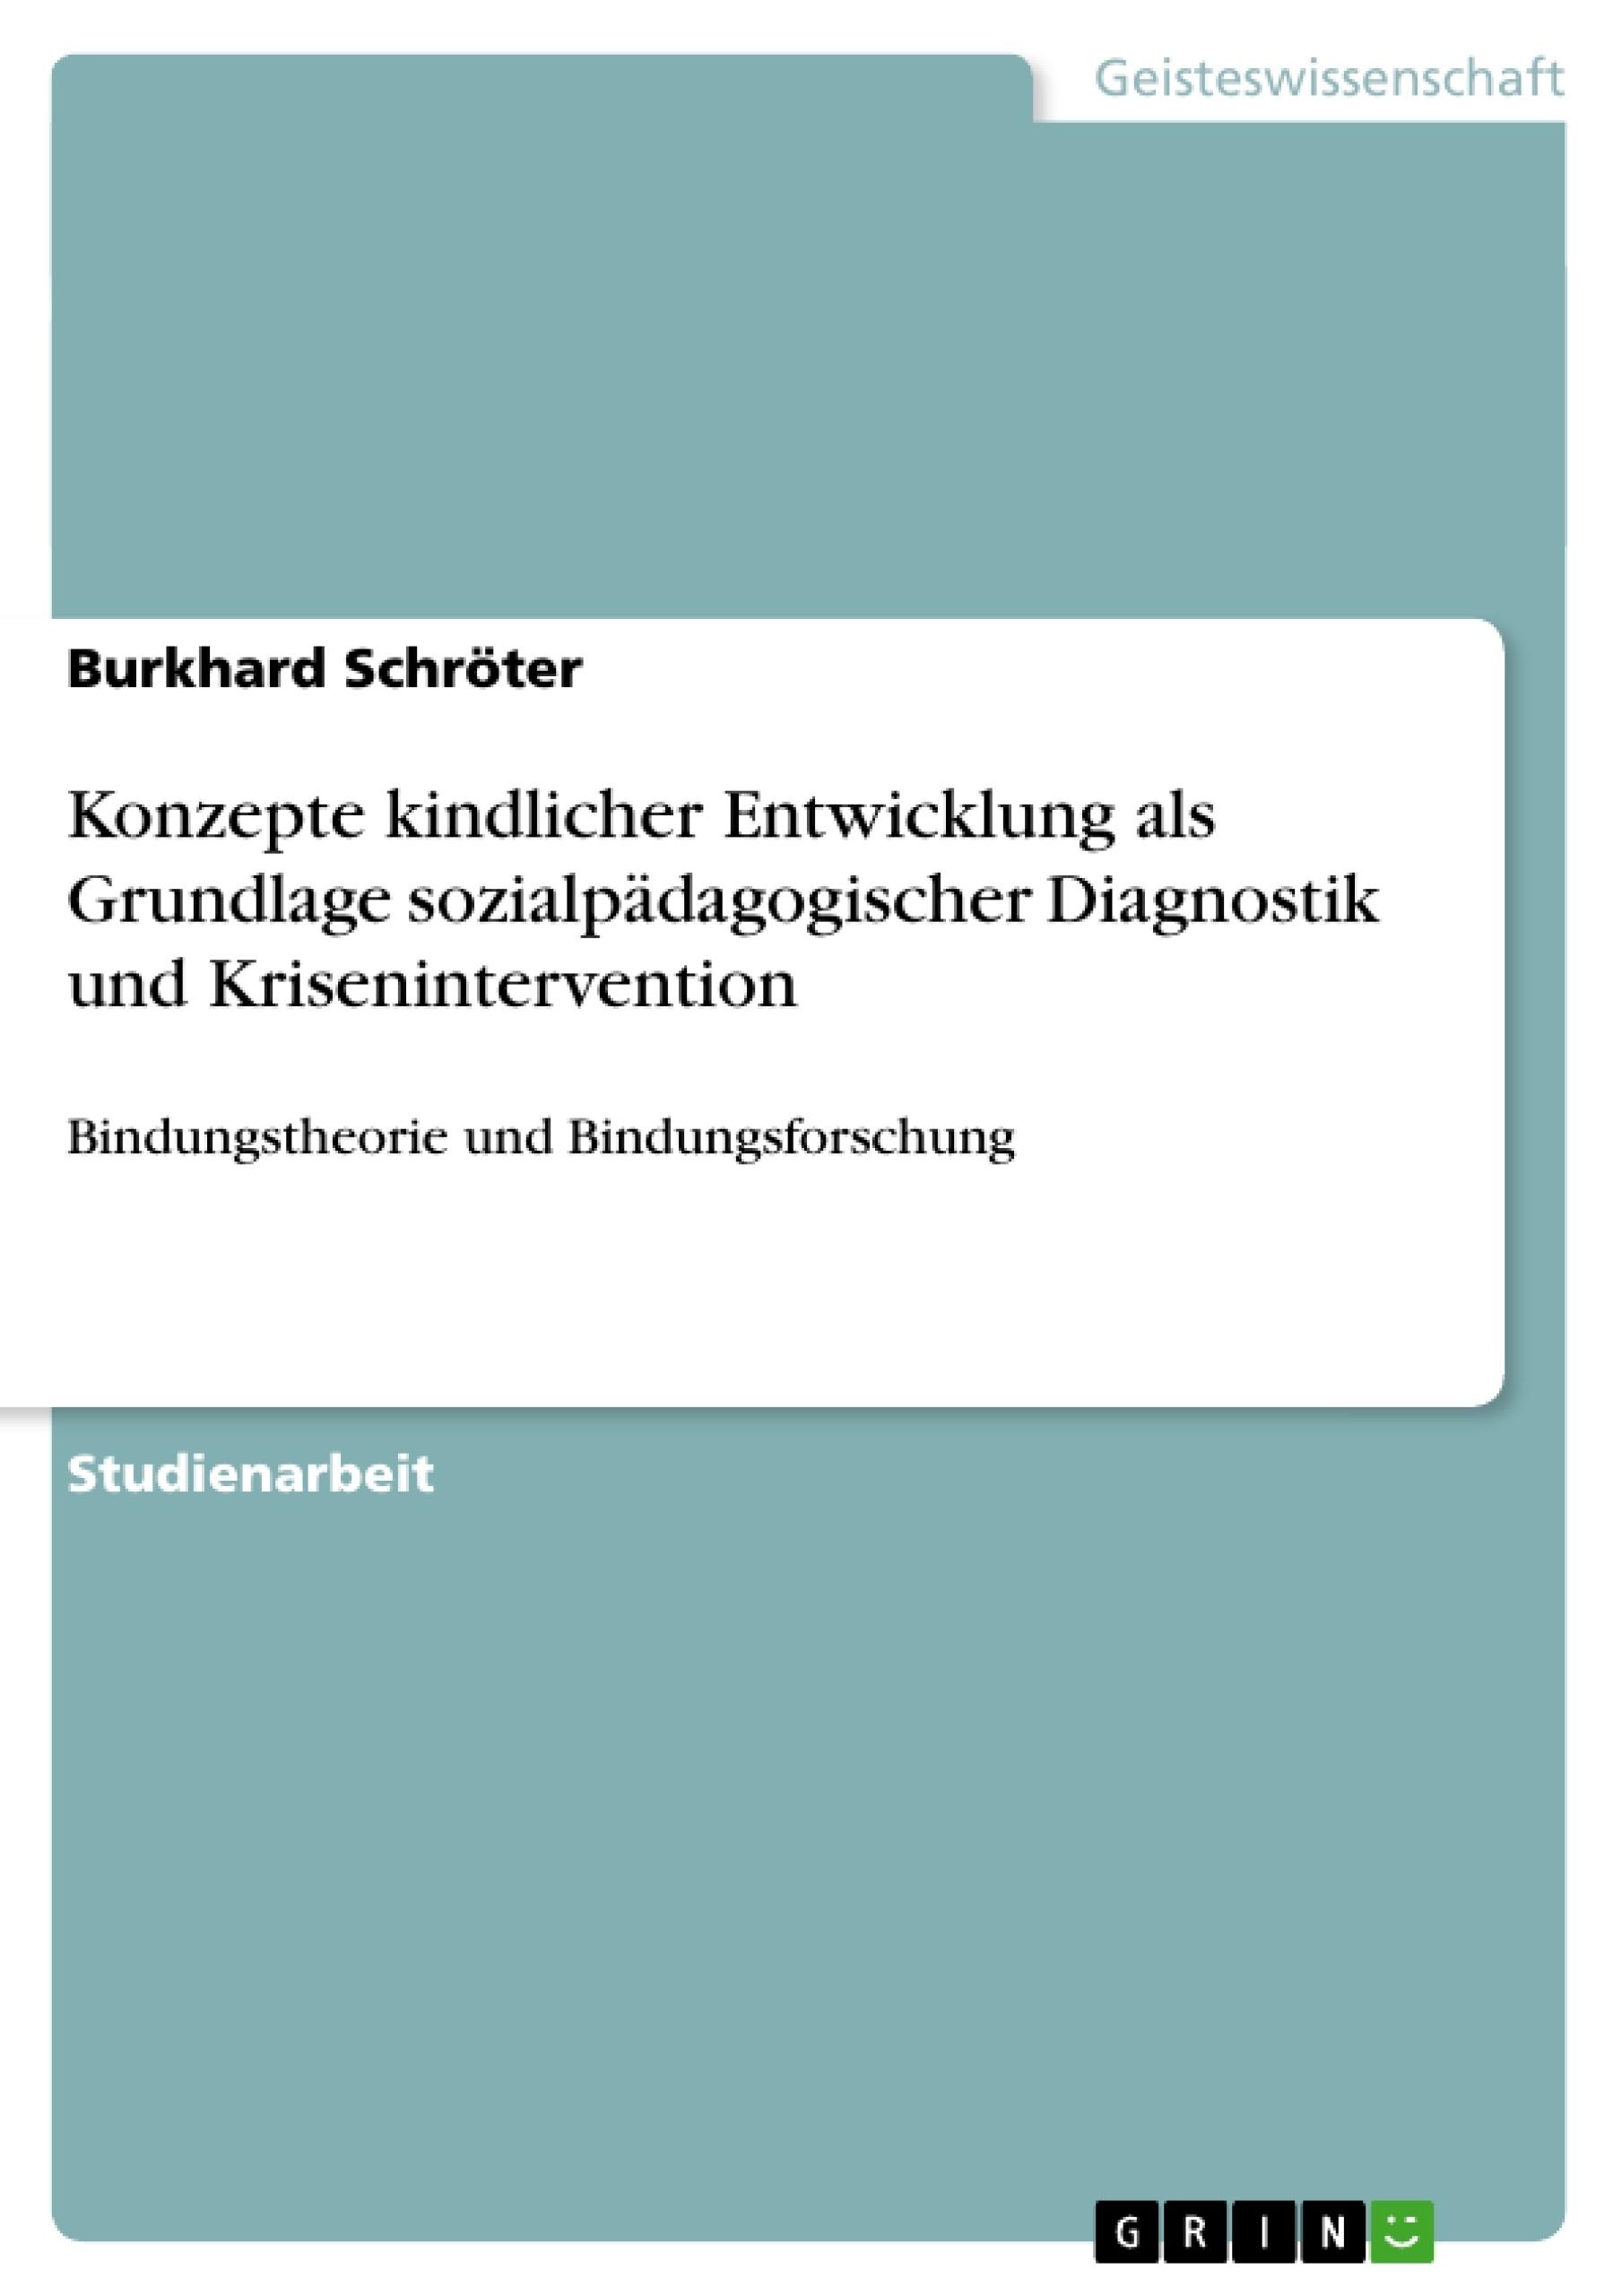 Titel: Konzepte kindlicher Entwicklung als Grundlage sozialpädagogischer Diagnostik und Krisenintervention